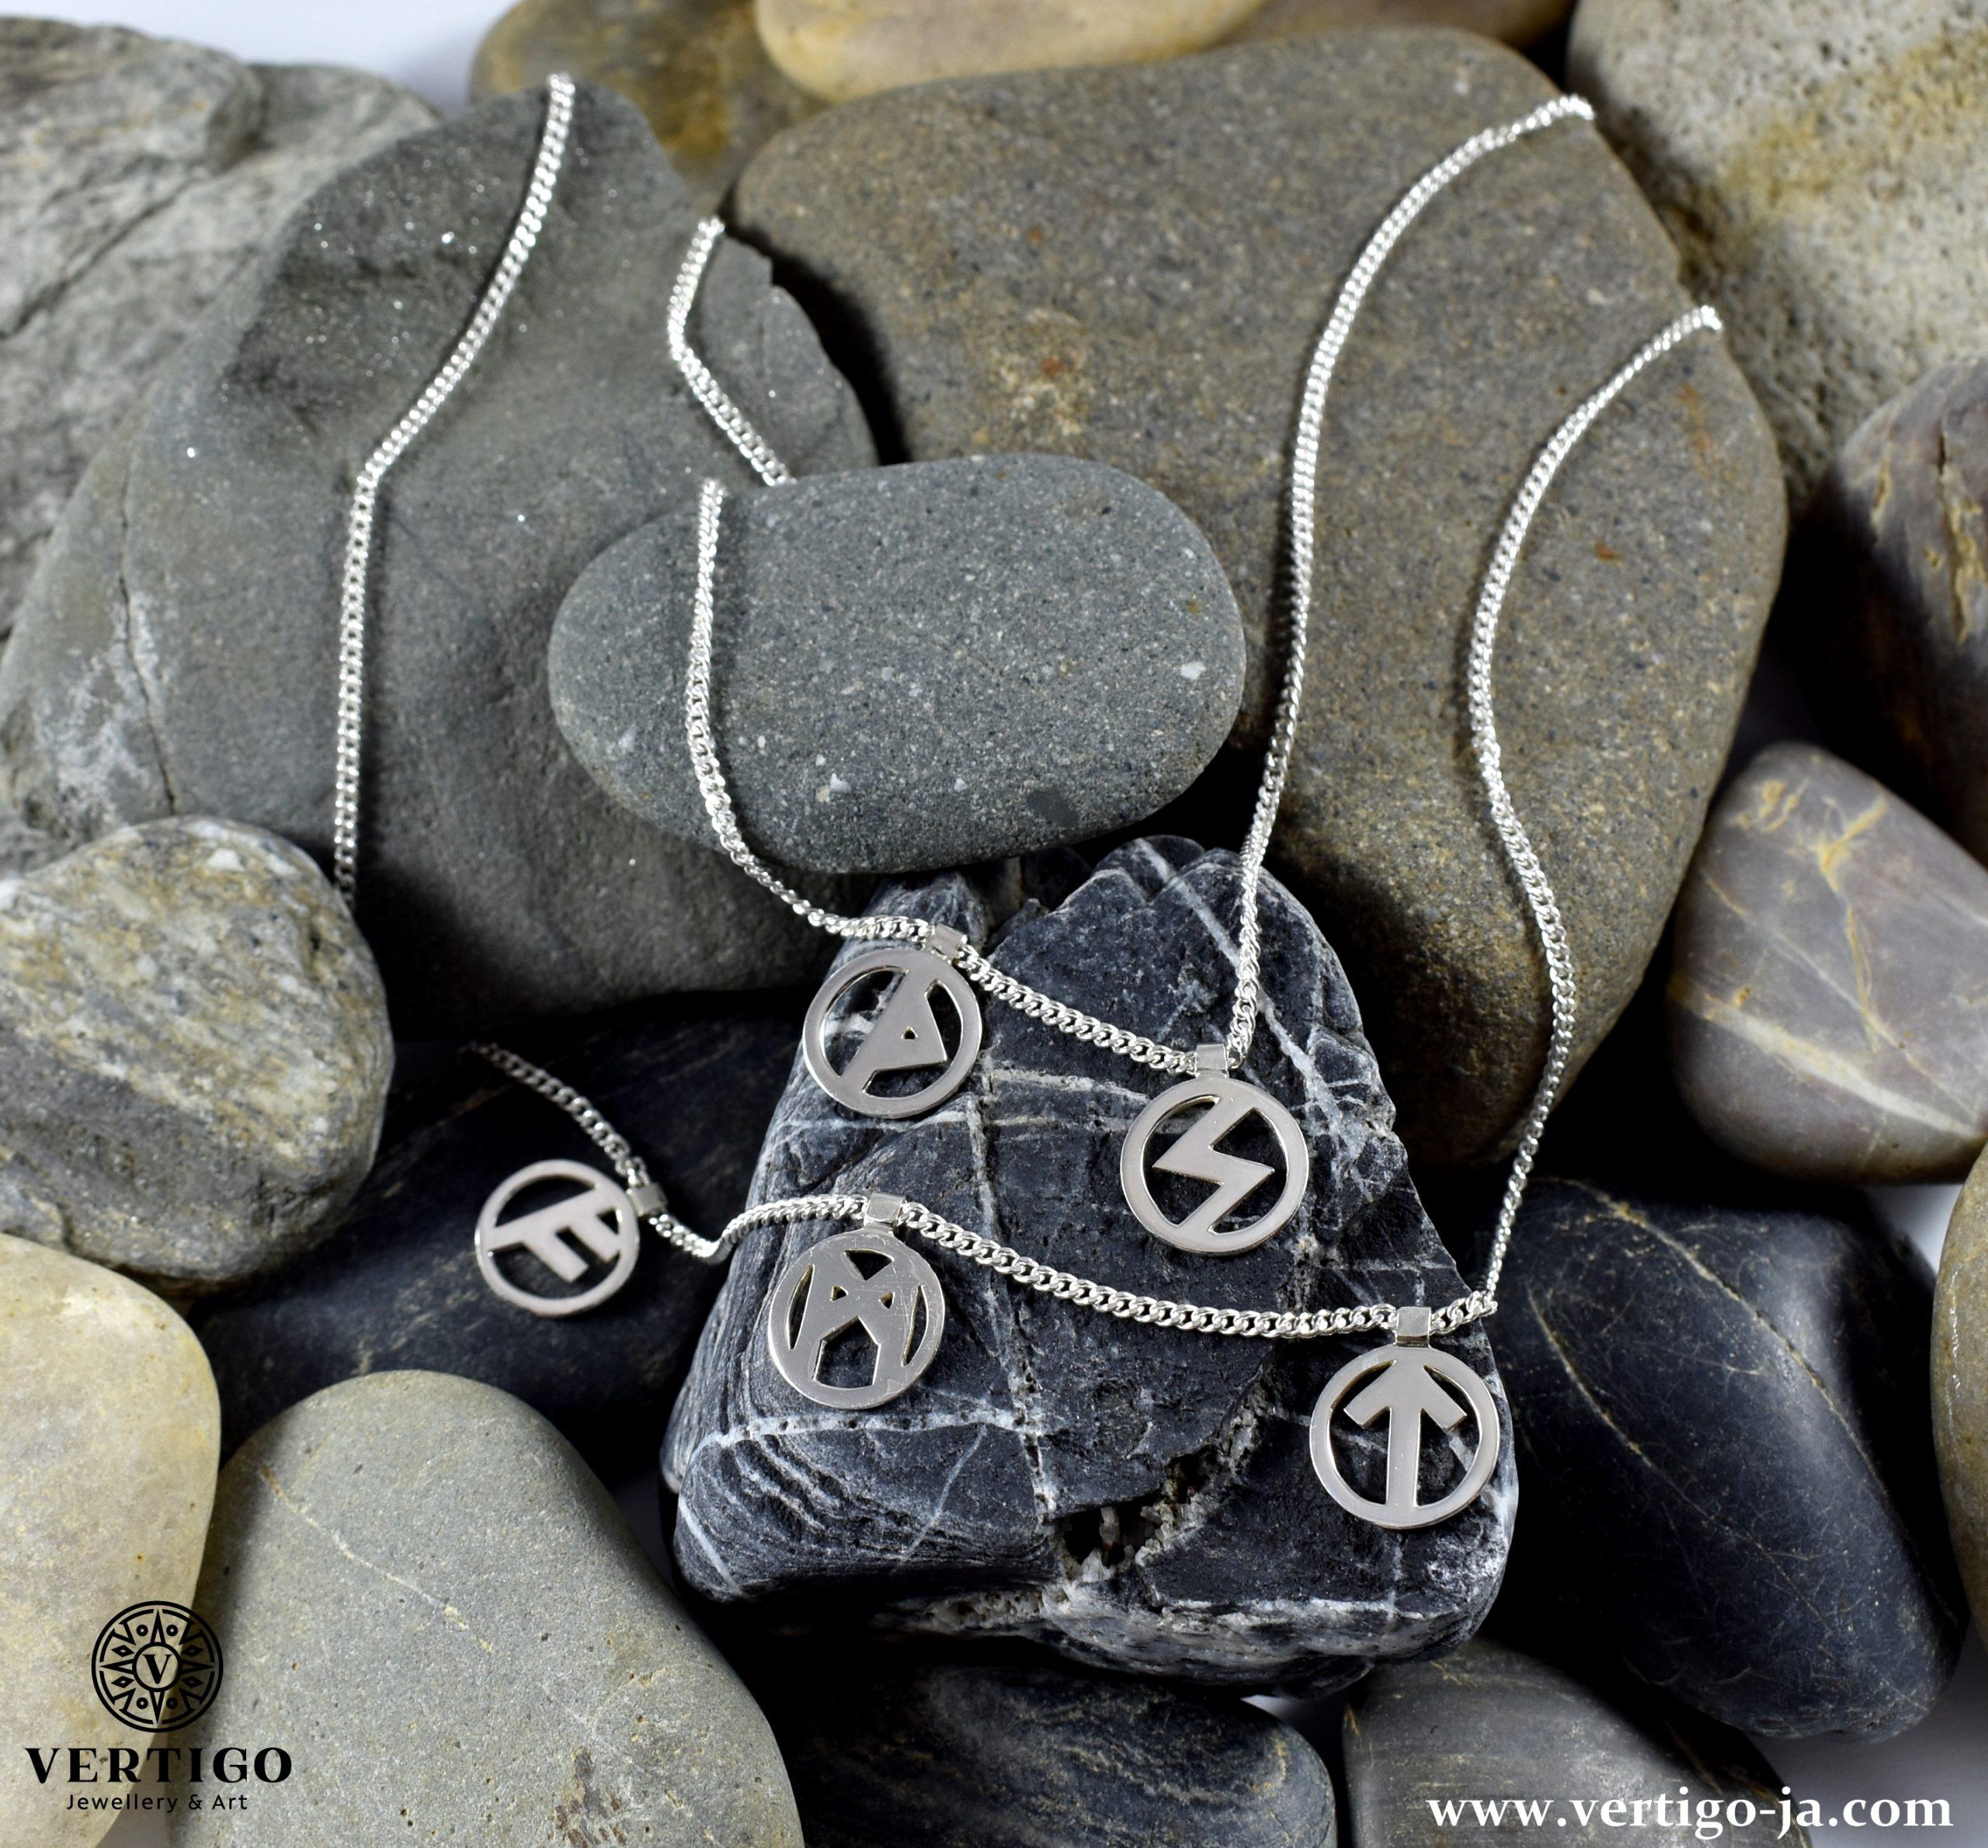 srebrny-naszyjnik-z-runami-lancuszek-pancerka-na-kamieniach-motyw-nordycki